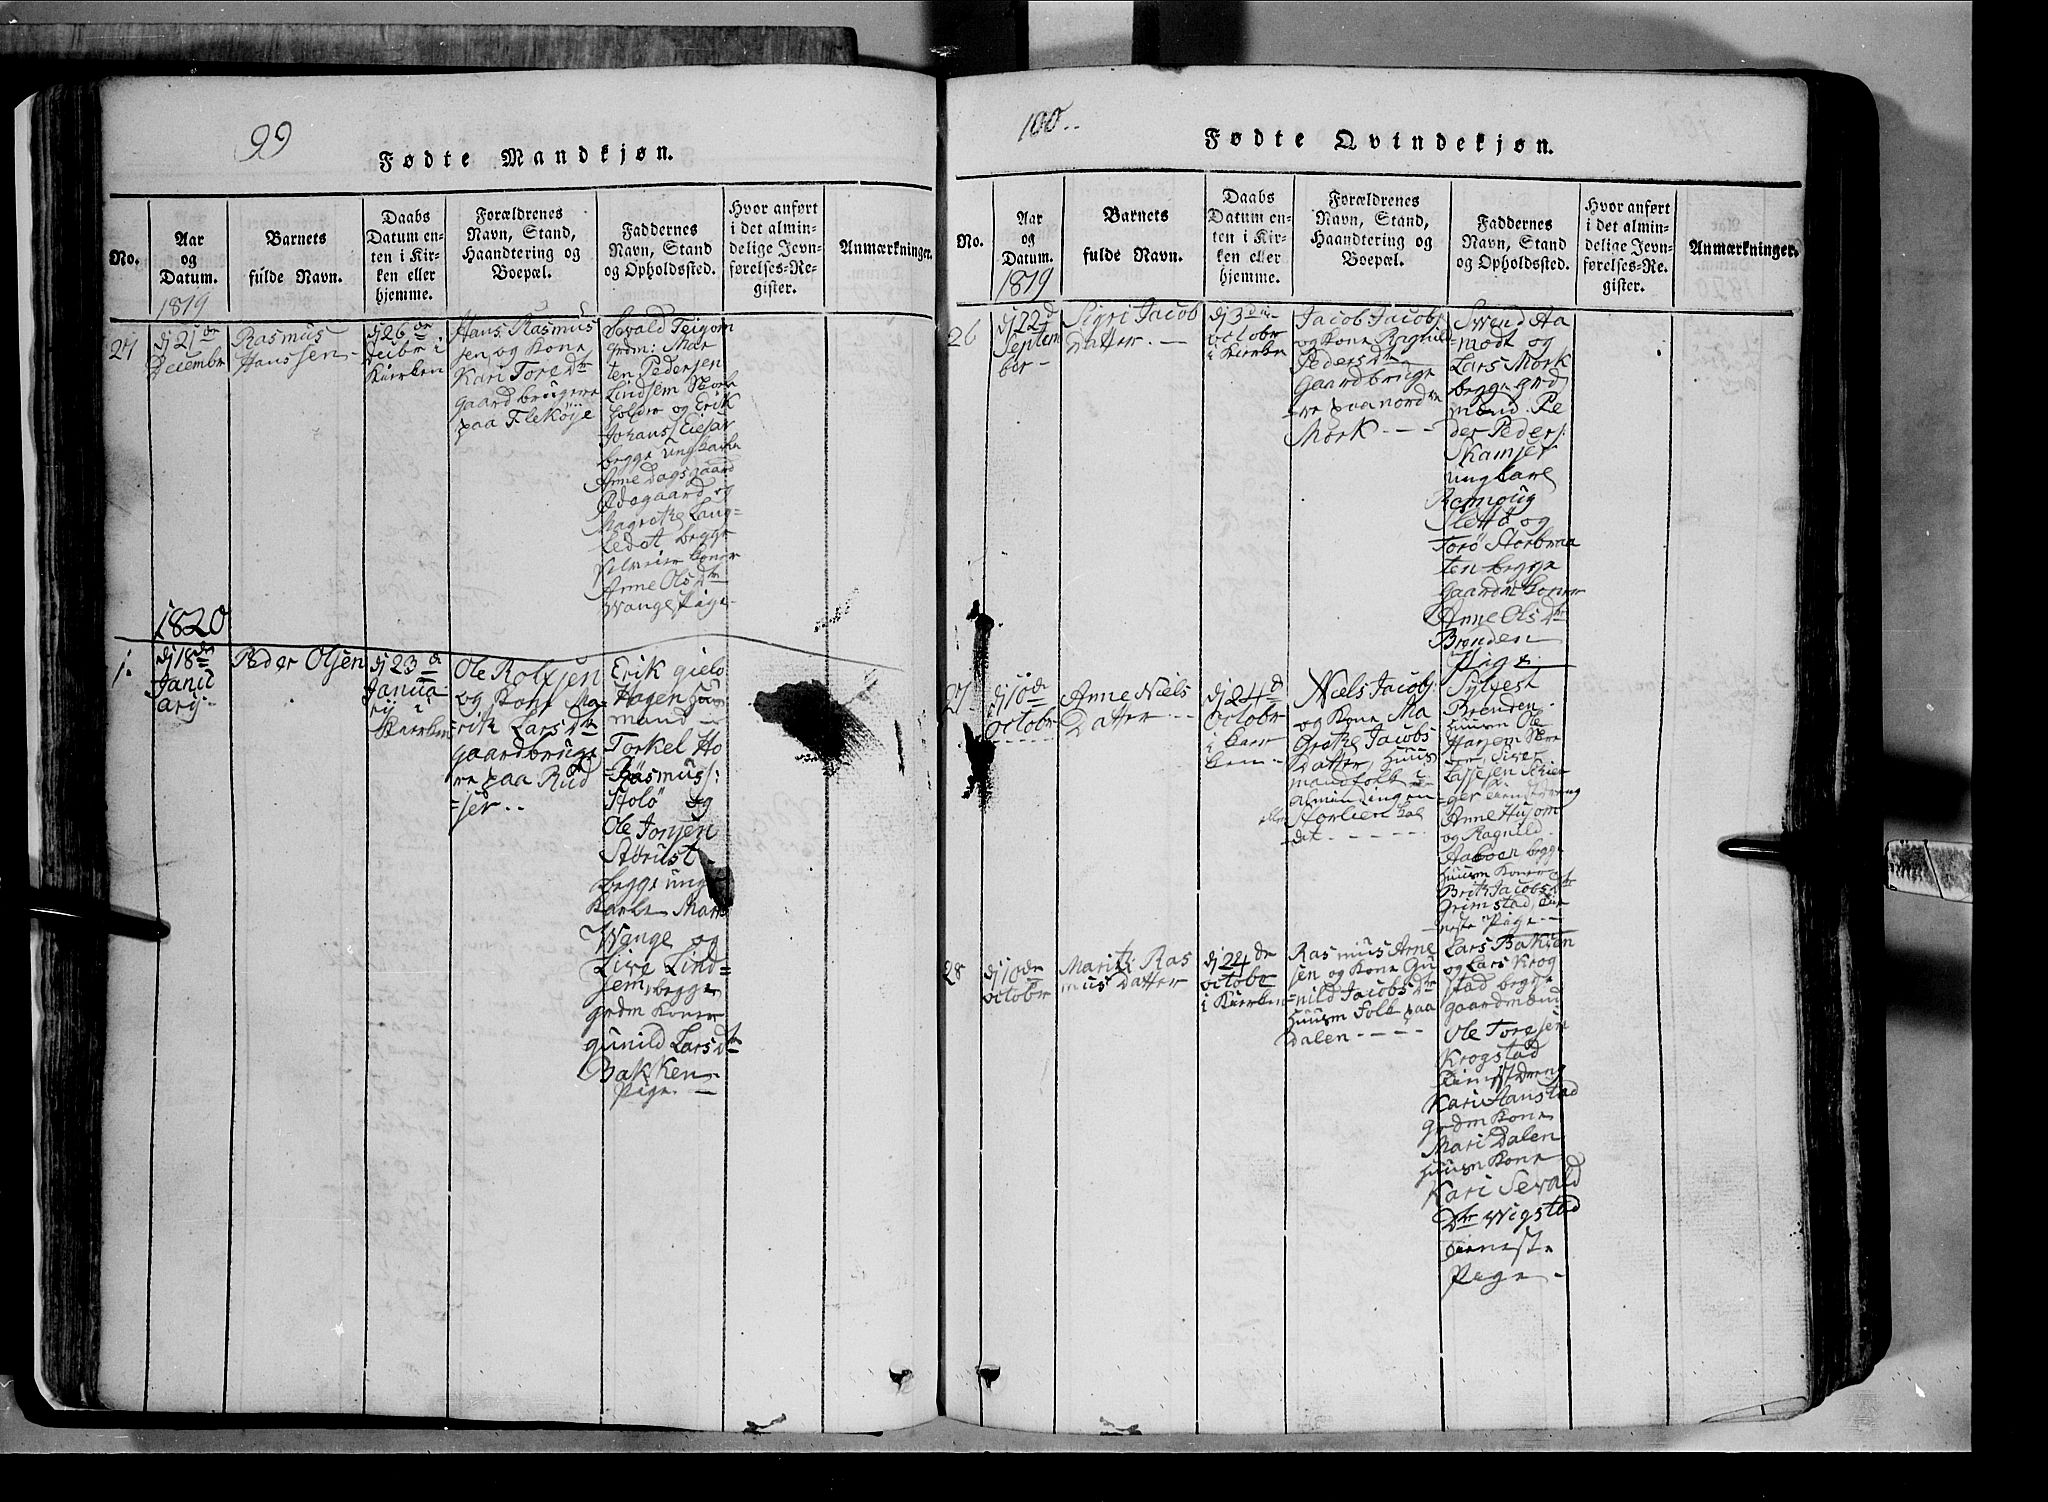 SAH, Lom prestekontor, L/L0003: Klokkerbok nr. 3, 1815-1844, s. 99-100